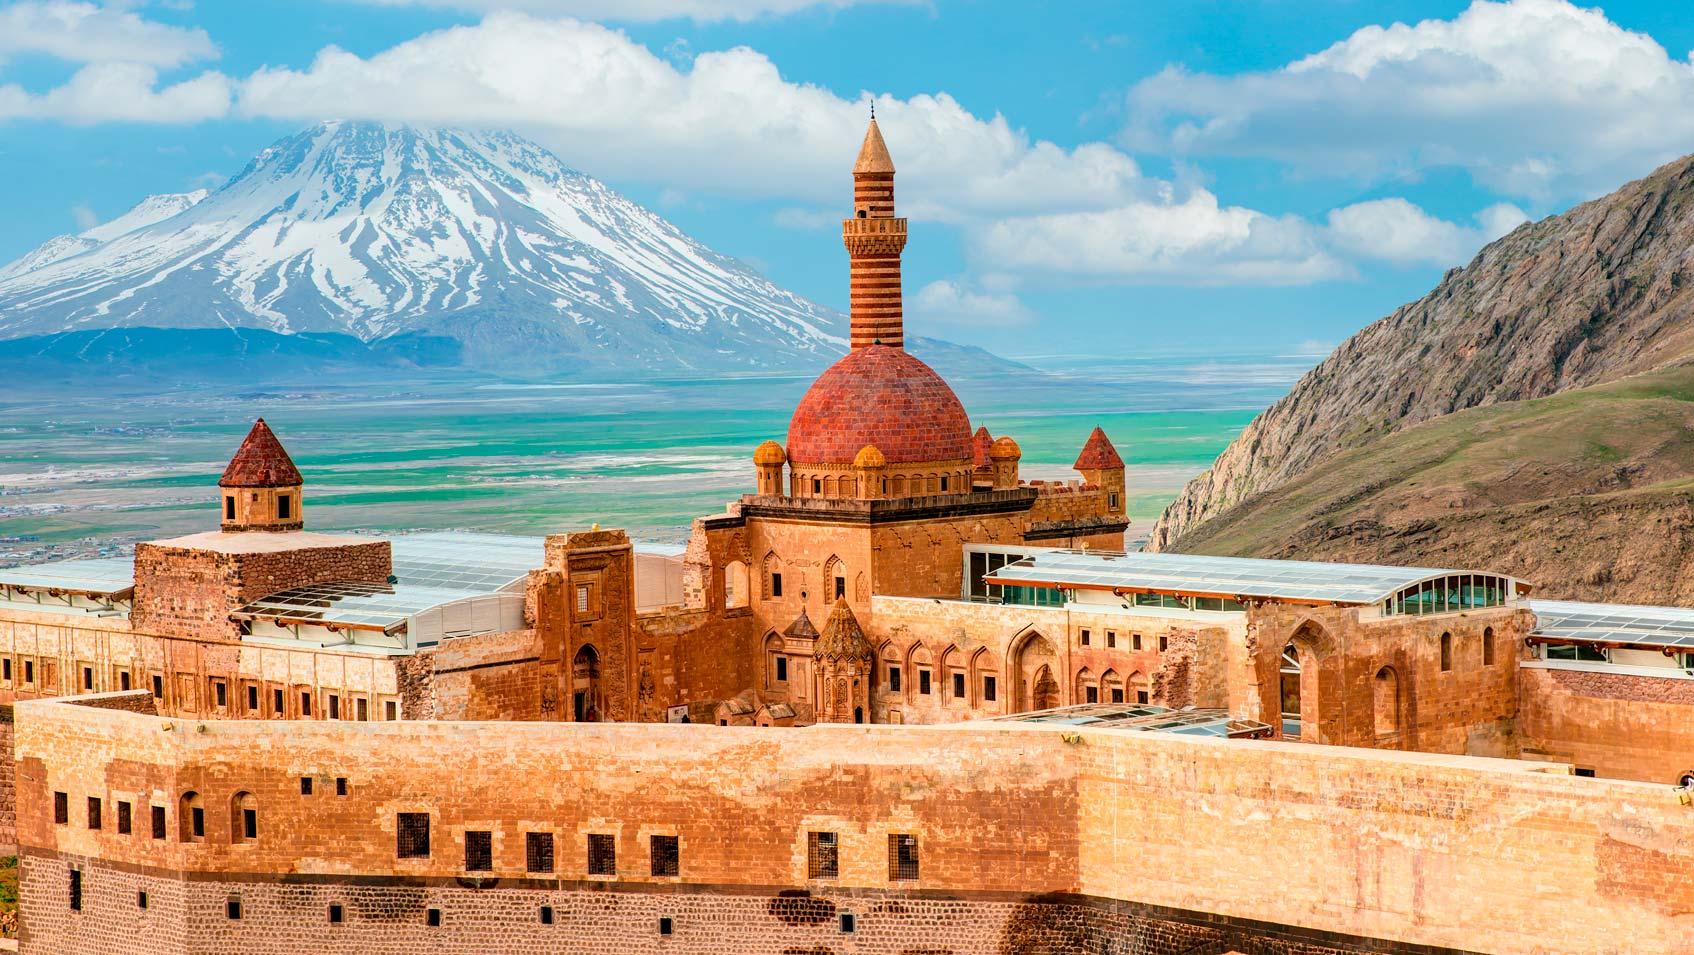 Дворец Исхак-паши возле Догубаязита в Восточной Турции